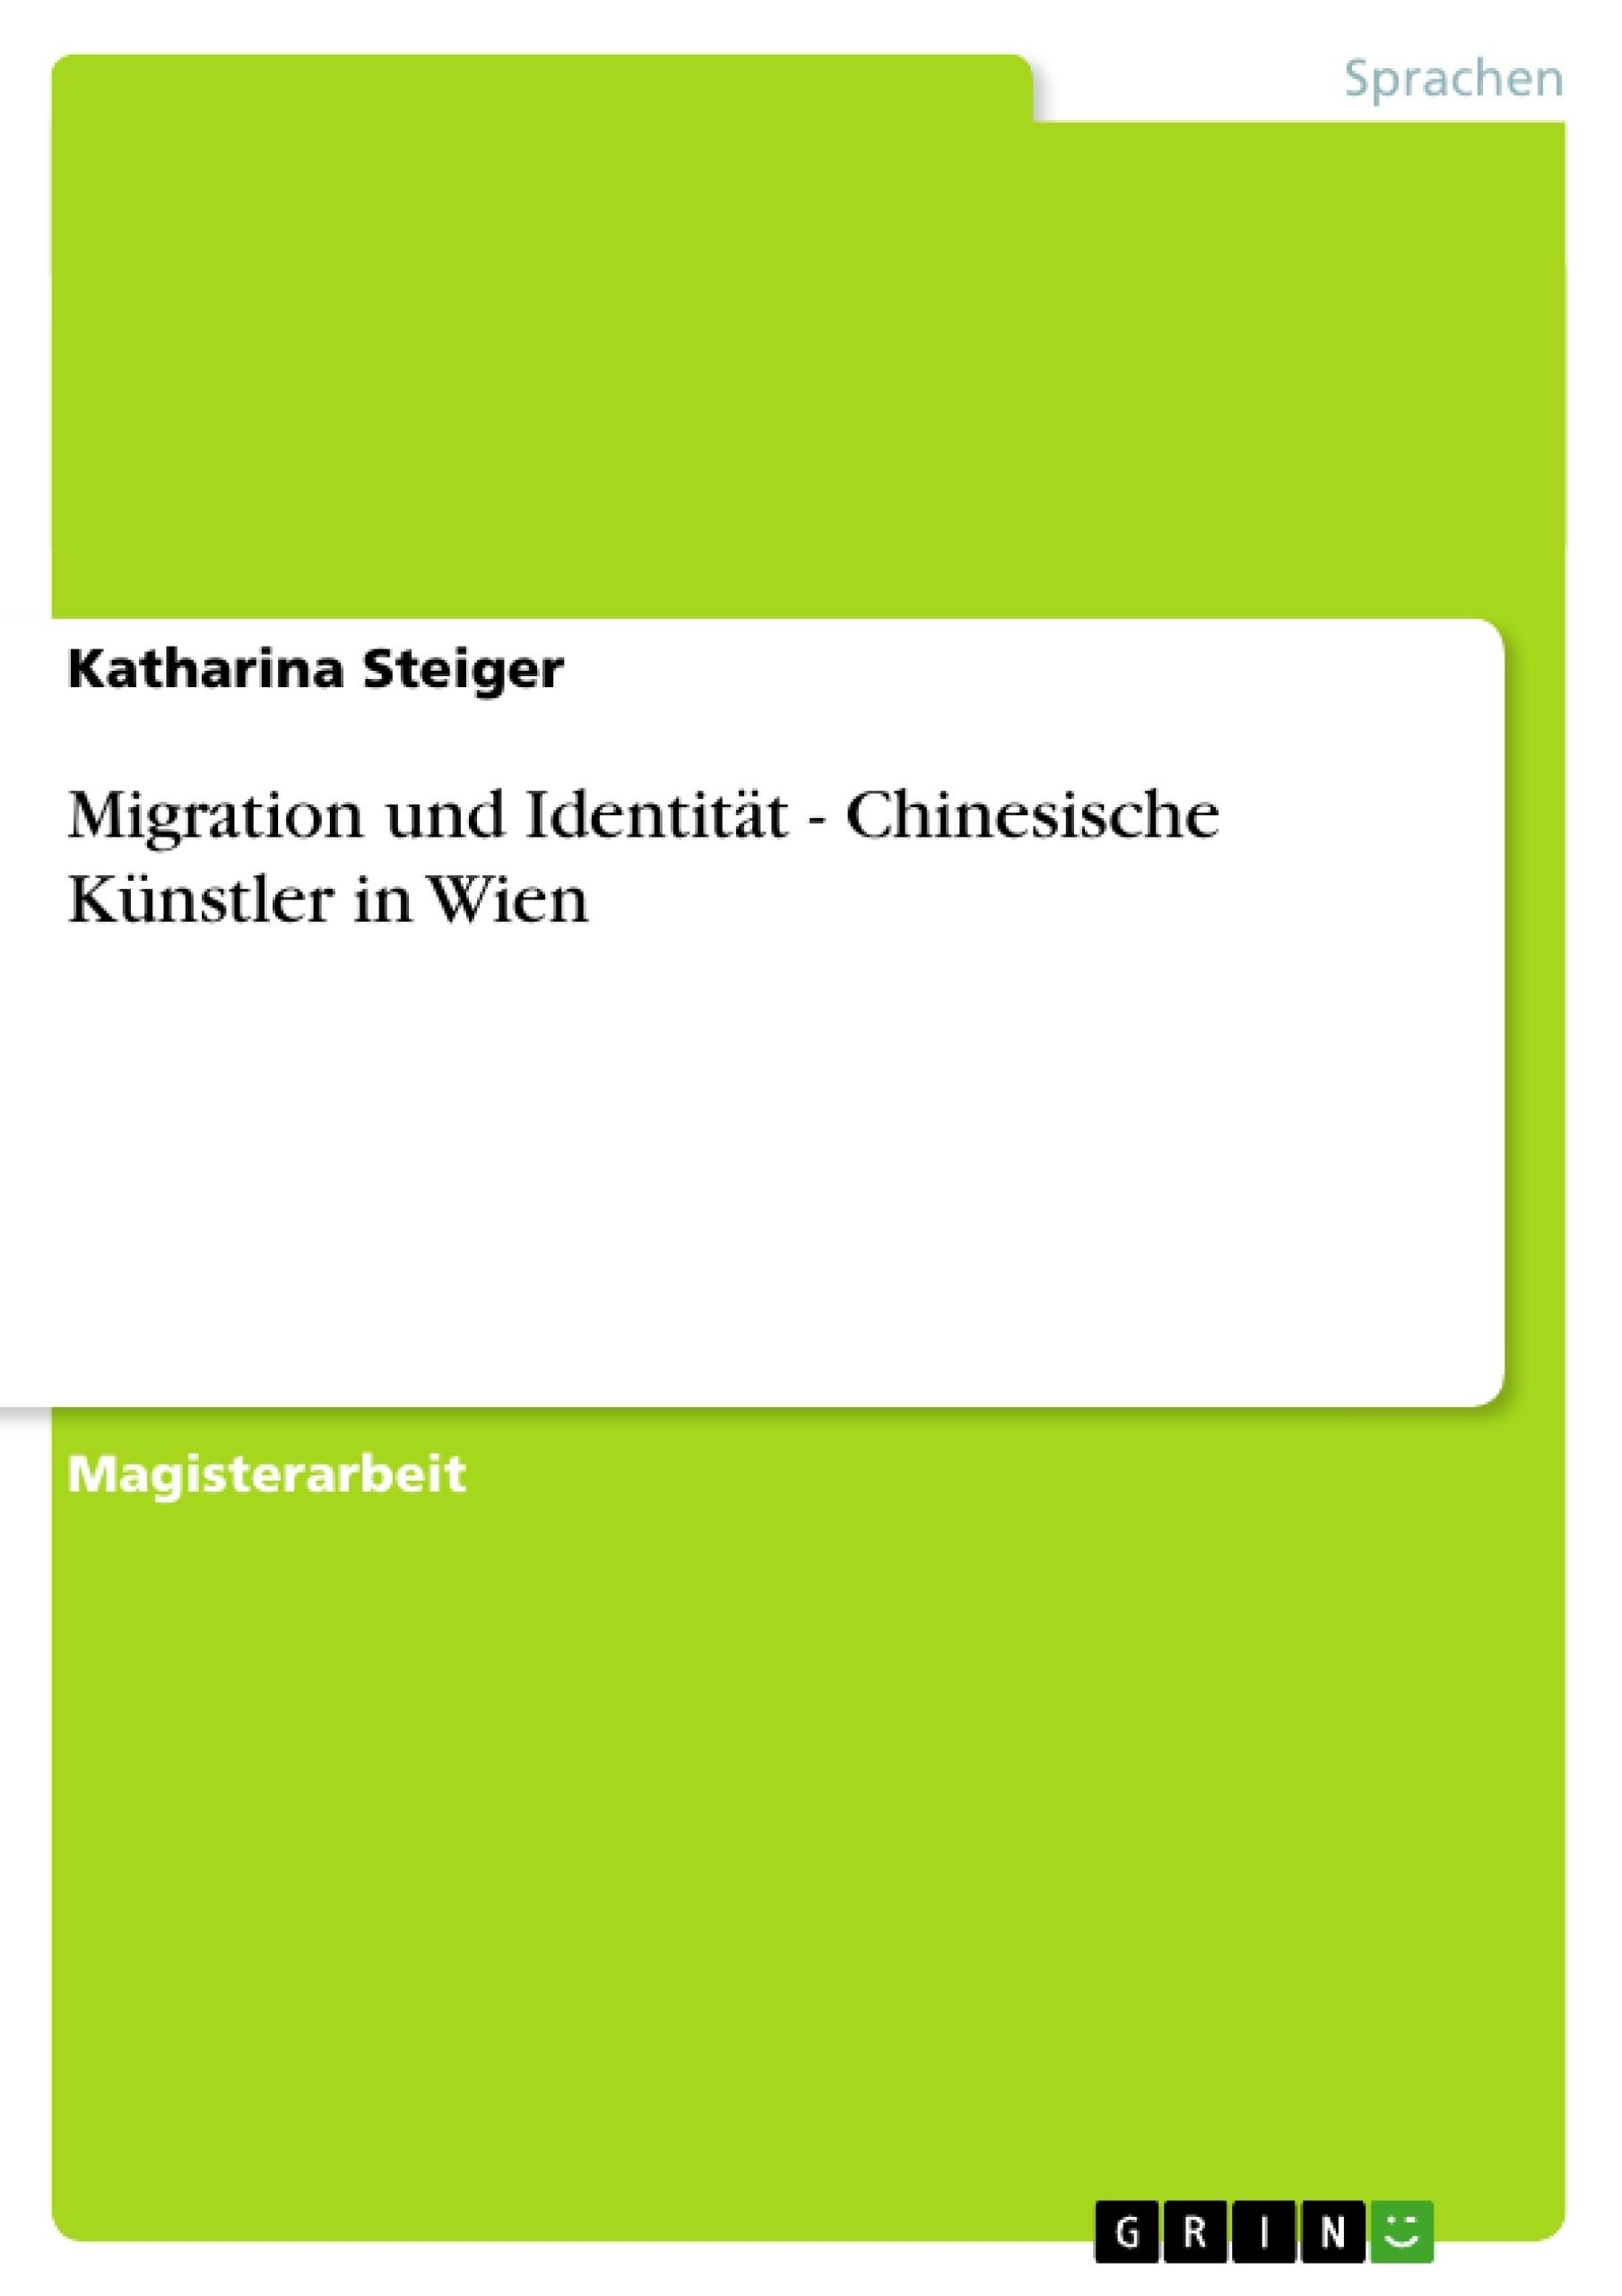 Titel: Migration und Identität - Chinesische Künstler in Wien